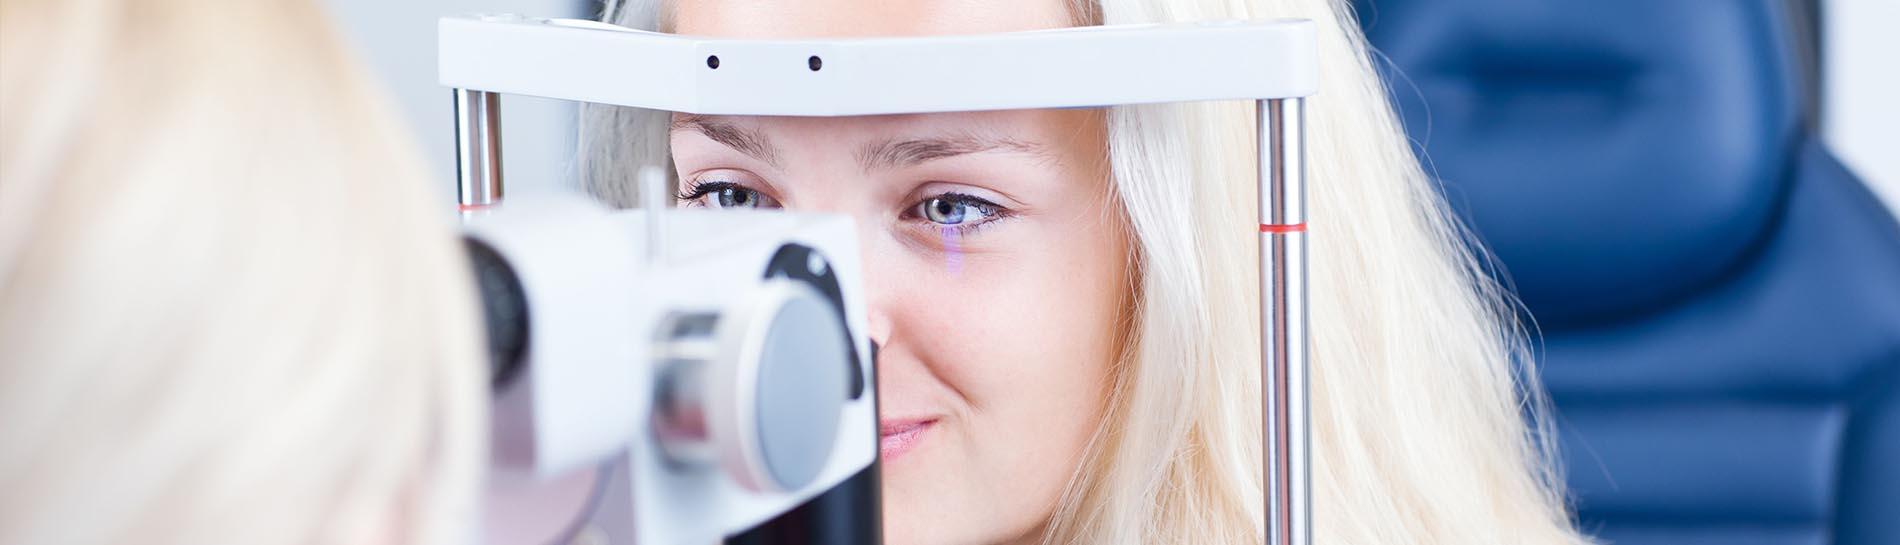 látáskorrekciós műtét